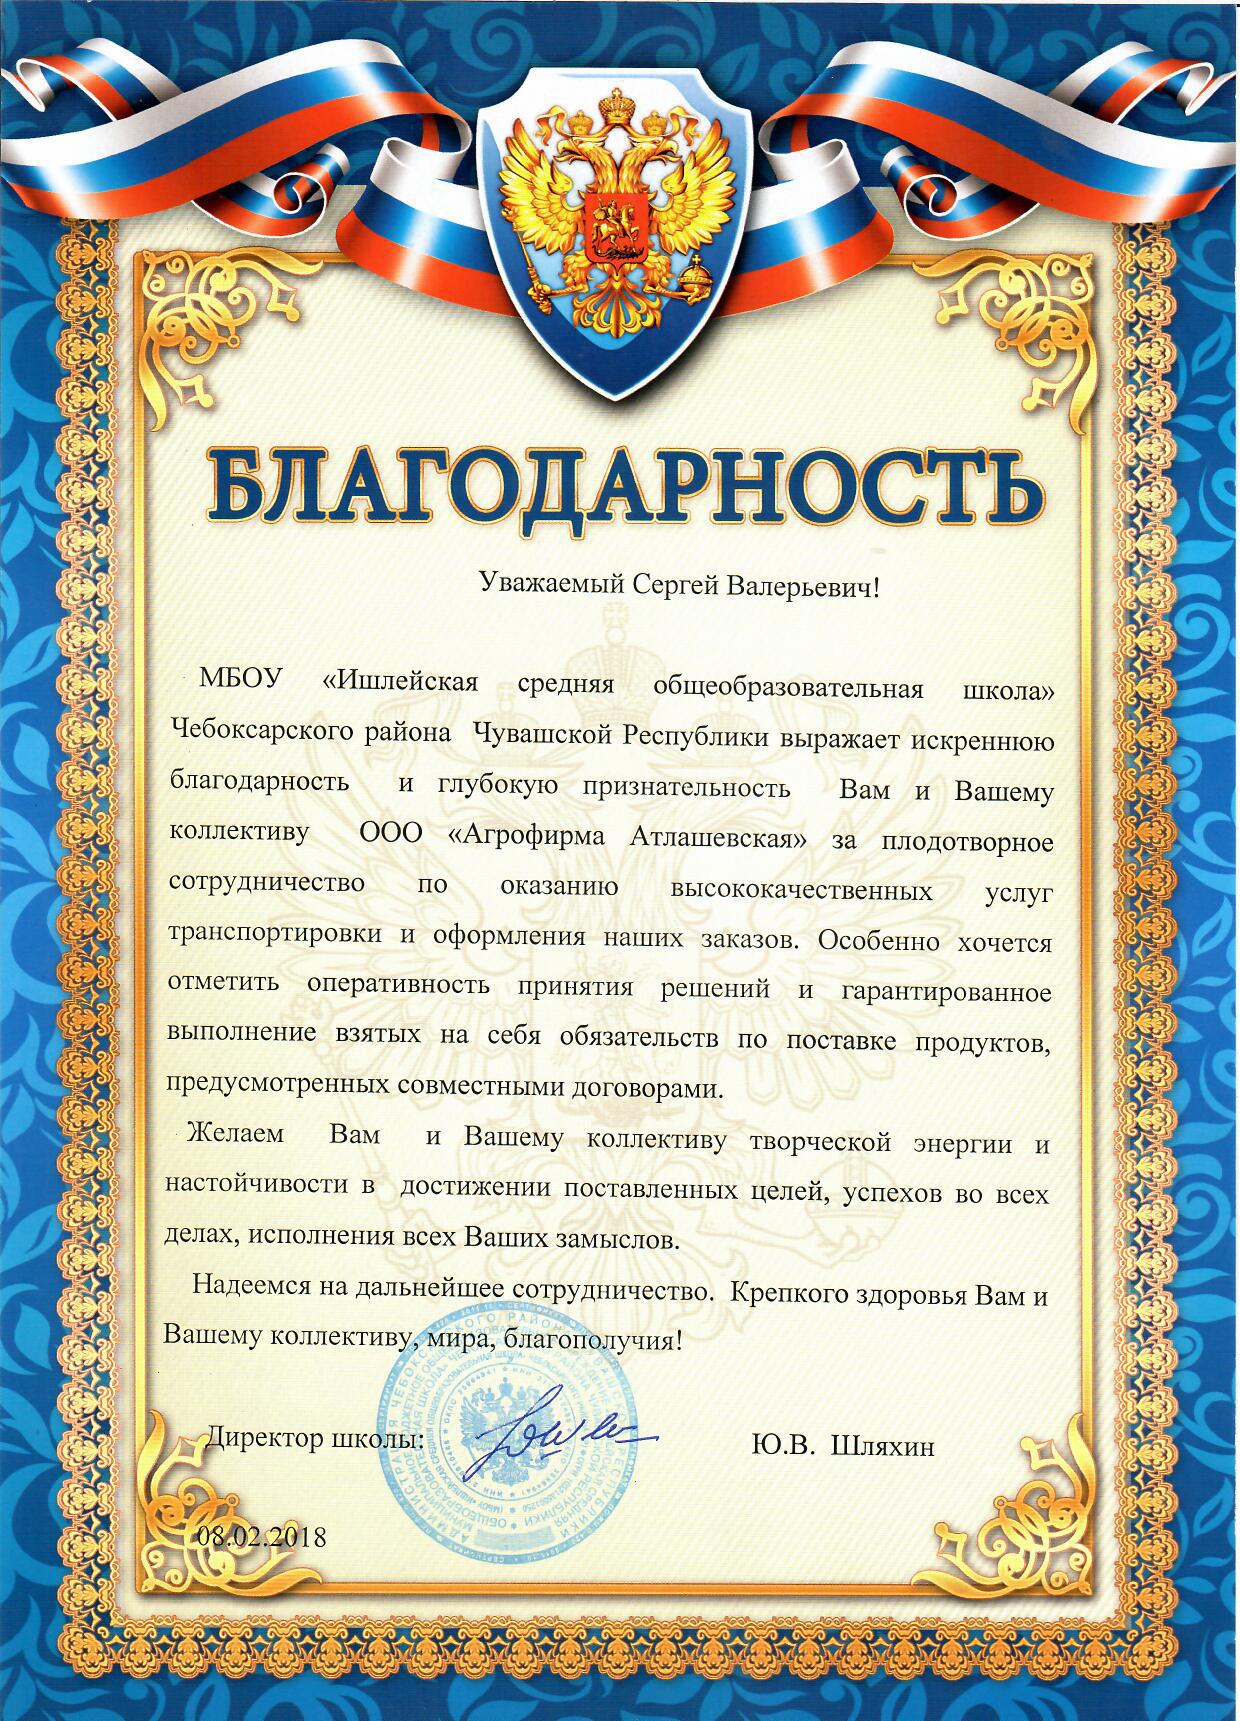 https://static-ru.insales.ru/files/1/5940/4904756/original/Благодарственное_письмо_МБОУ_Ишлейская_СОШ.jpg